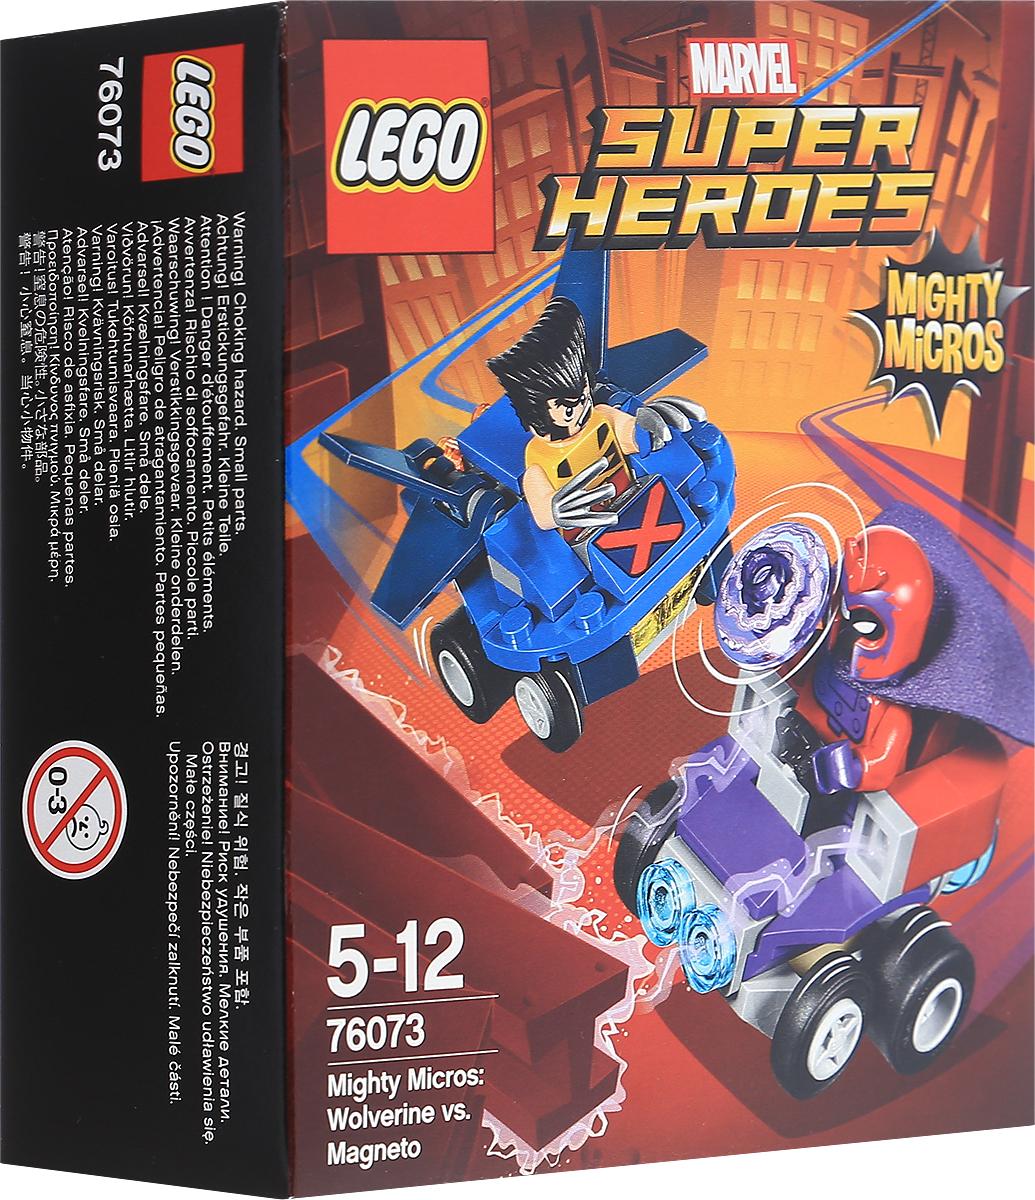 LEGO Super Heroes Конструктор Mighty Micros Росомаха против Магнето 7607376073Станьте свидетелем динамичной схватки Людей Икс: Росомаха против Магнето. Росомаха рвется в бой на своем летательном аппарате! Главное уворачиваться от гигантского магнита Магнето! Но им придется сразиться врукопашную: когти Росомахи и электромагнитные импульсы Магнето. Что окажется сильнее? Набор включает в себя 85 разноцветных пластиковых элементов. Конструктор станет замечательным сюрпризом вашему ребенку, который будет способствовать развитию мелкой моторики рук, внимательности, усидчивости и мышления.